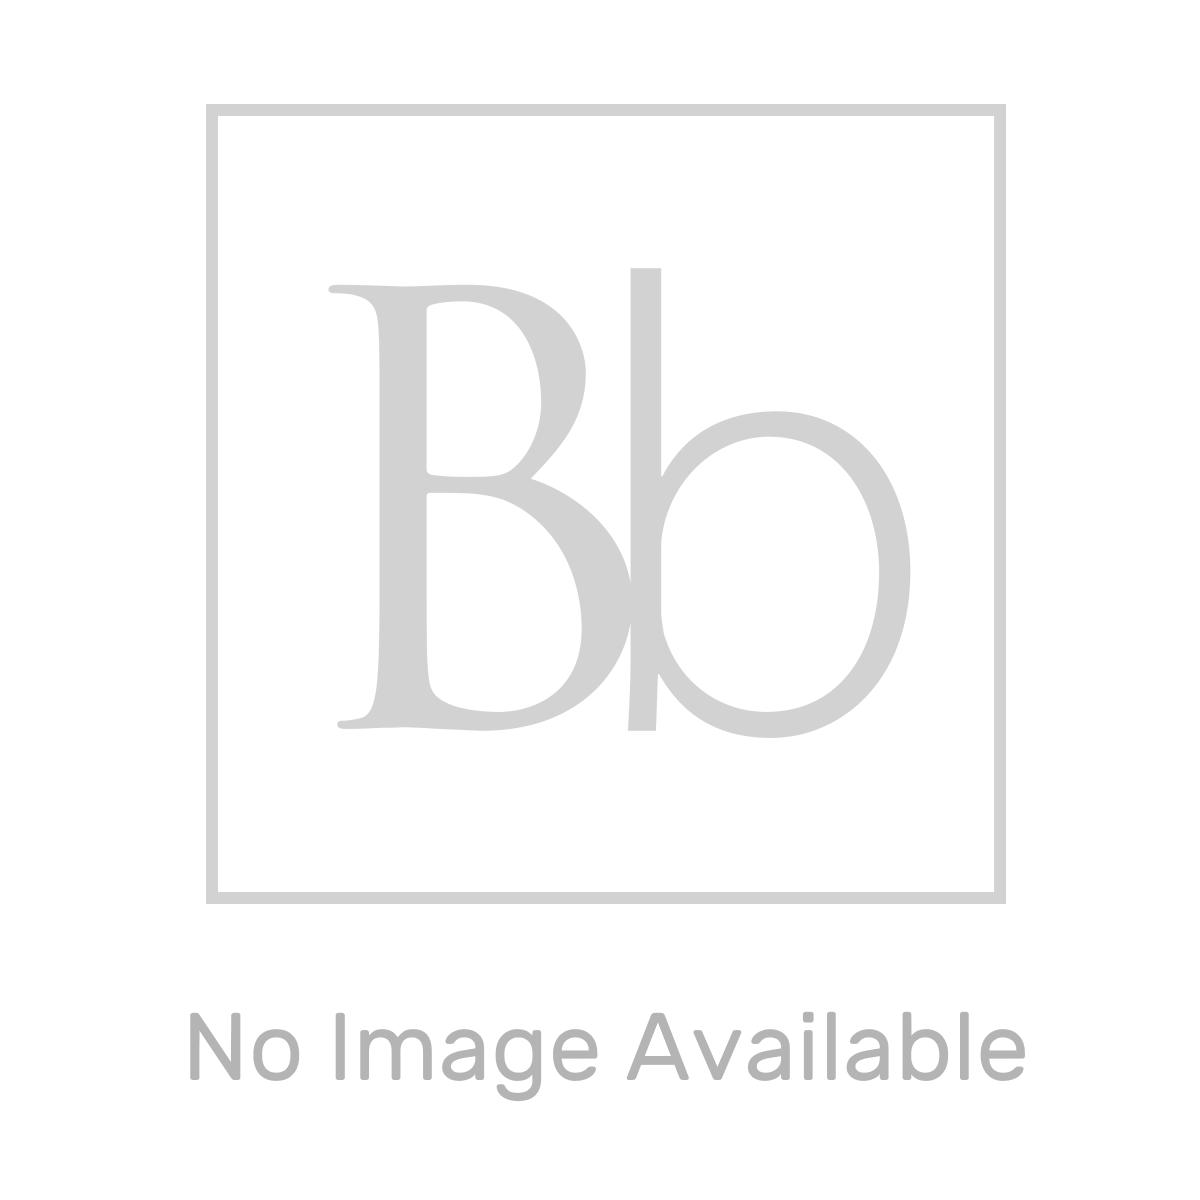 Nuie Athena Hacienda Black 4 Door Floor Standing Vanity Unit with Ceramic Double Basin 1200mm